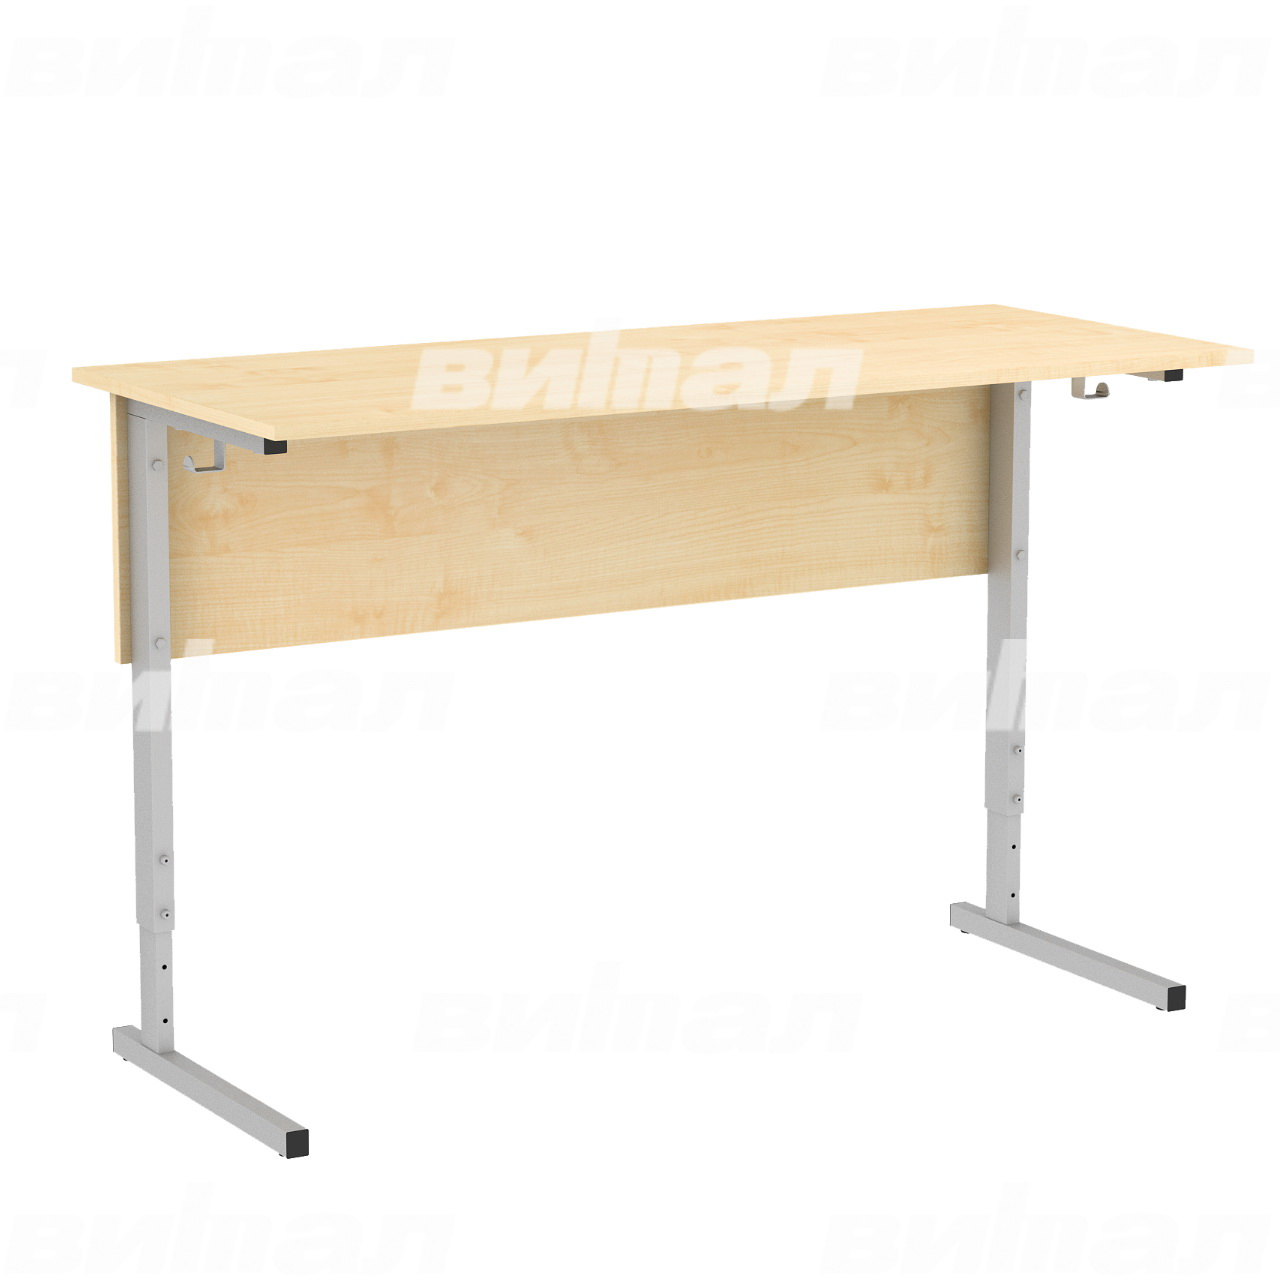 Стол ученический 2-местный регулируемый (гр. 2-4, 3-5 или 4-6) серый Клен 2-4 Меламин